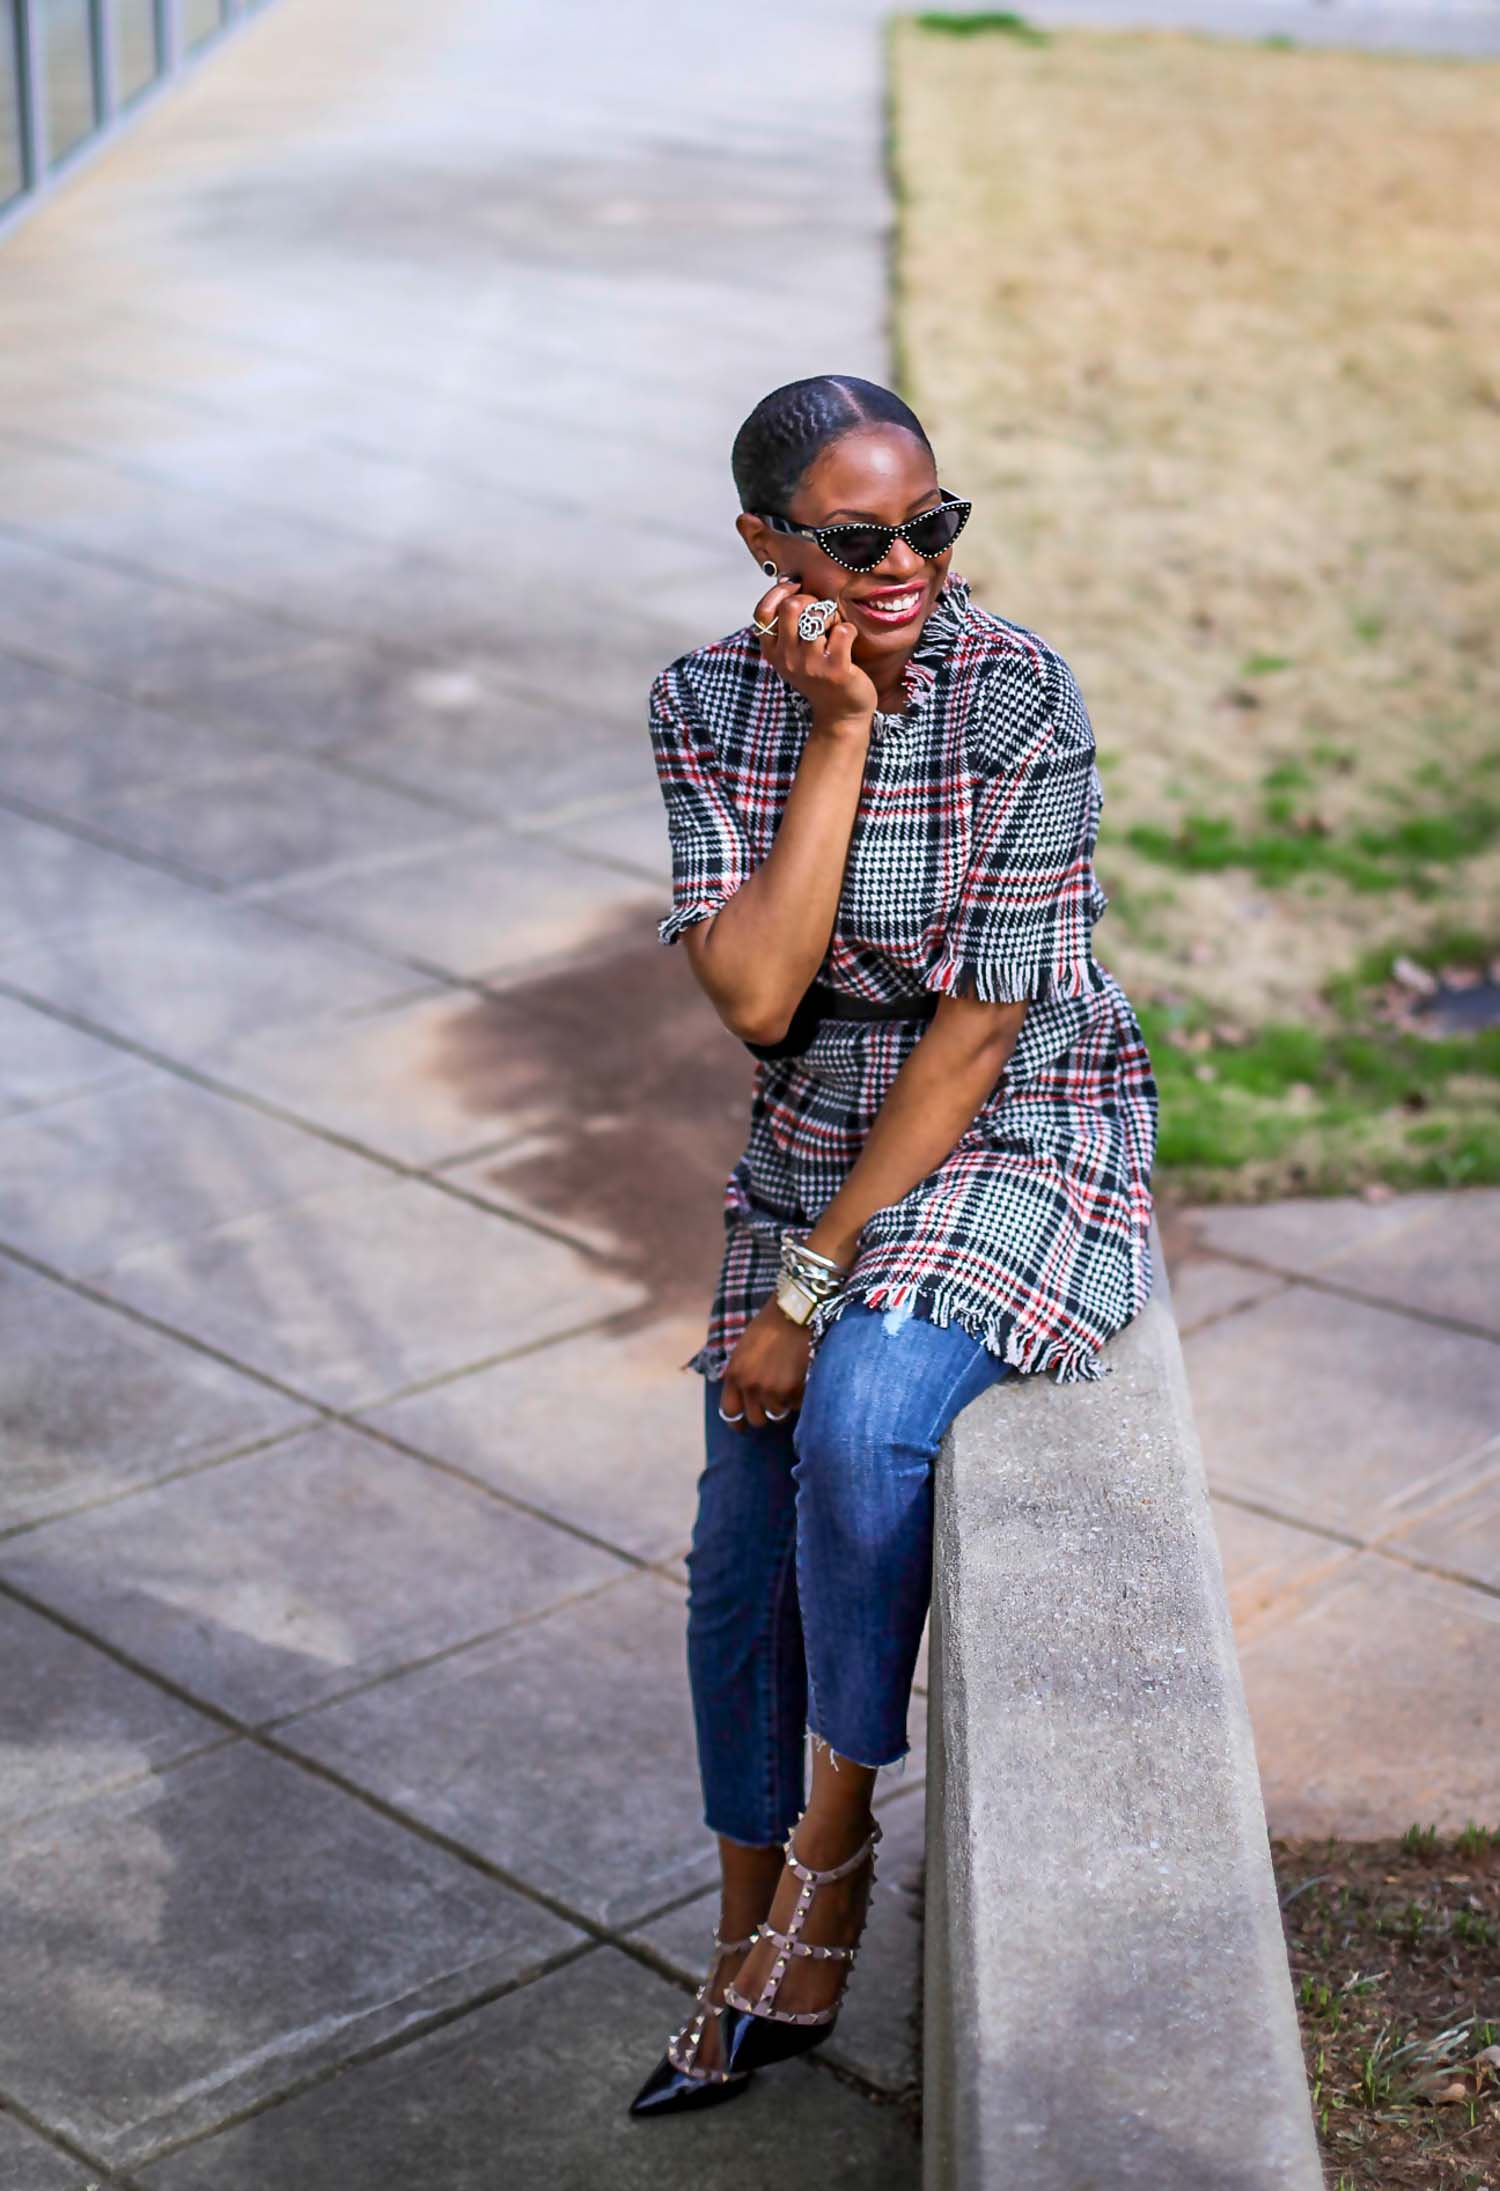 tweed dress worn over jeans